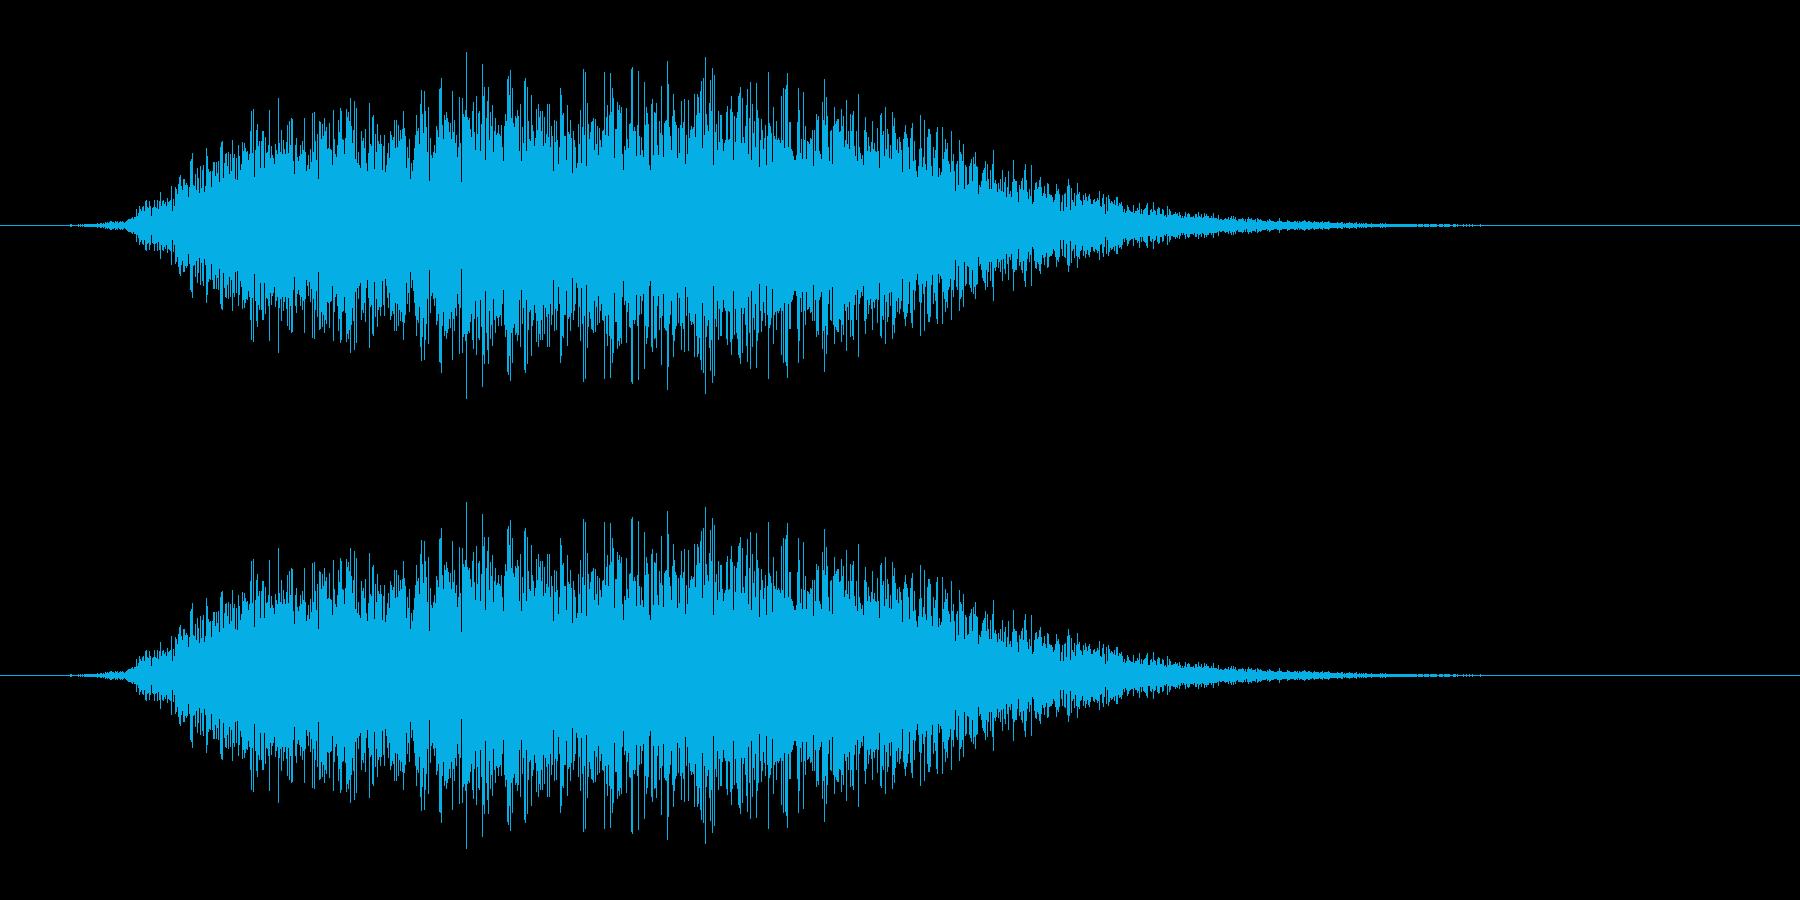 シューッという音EC07_86_5 2の再生済みの波形